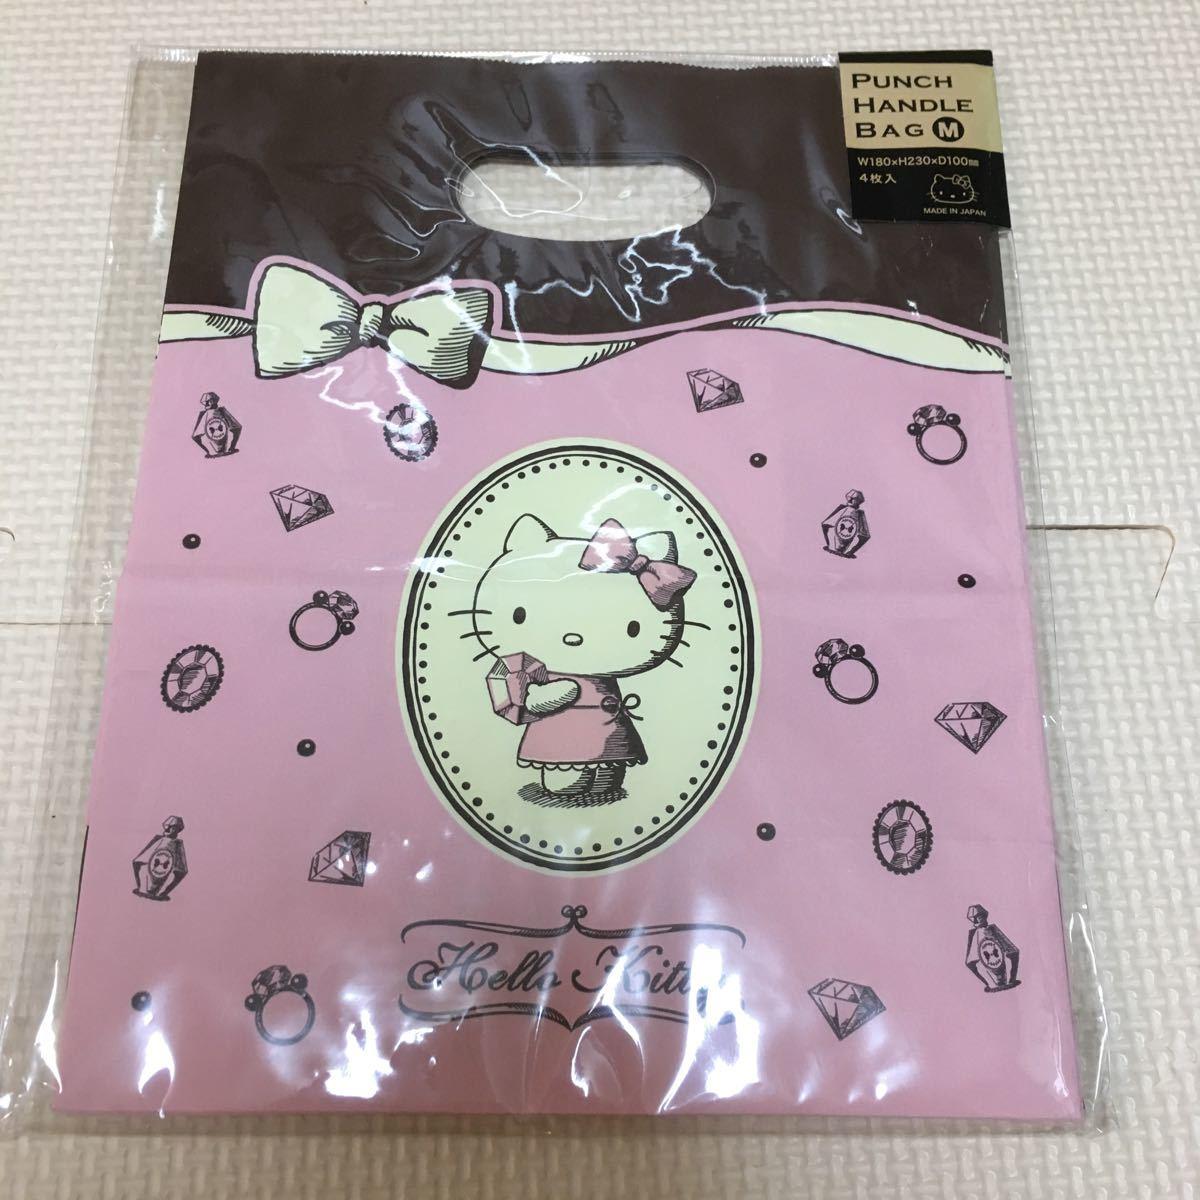 キティ☆ギフトバック☆紙袋☆プレゼントなどに☆未使用☆E_画像1